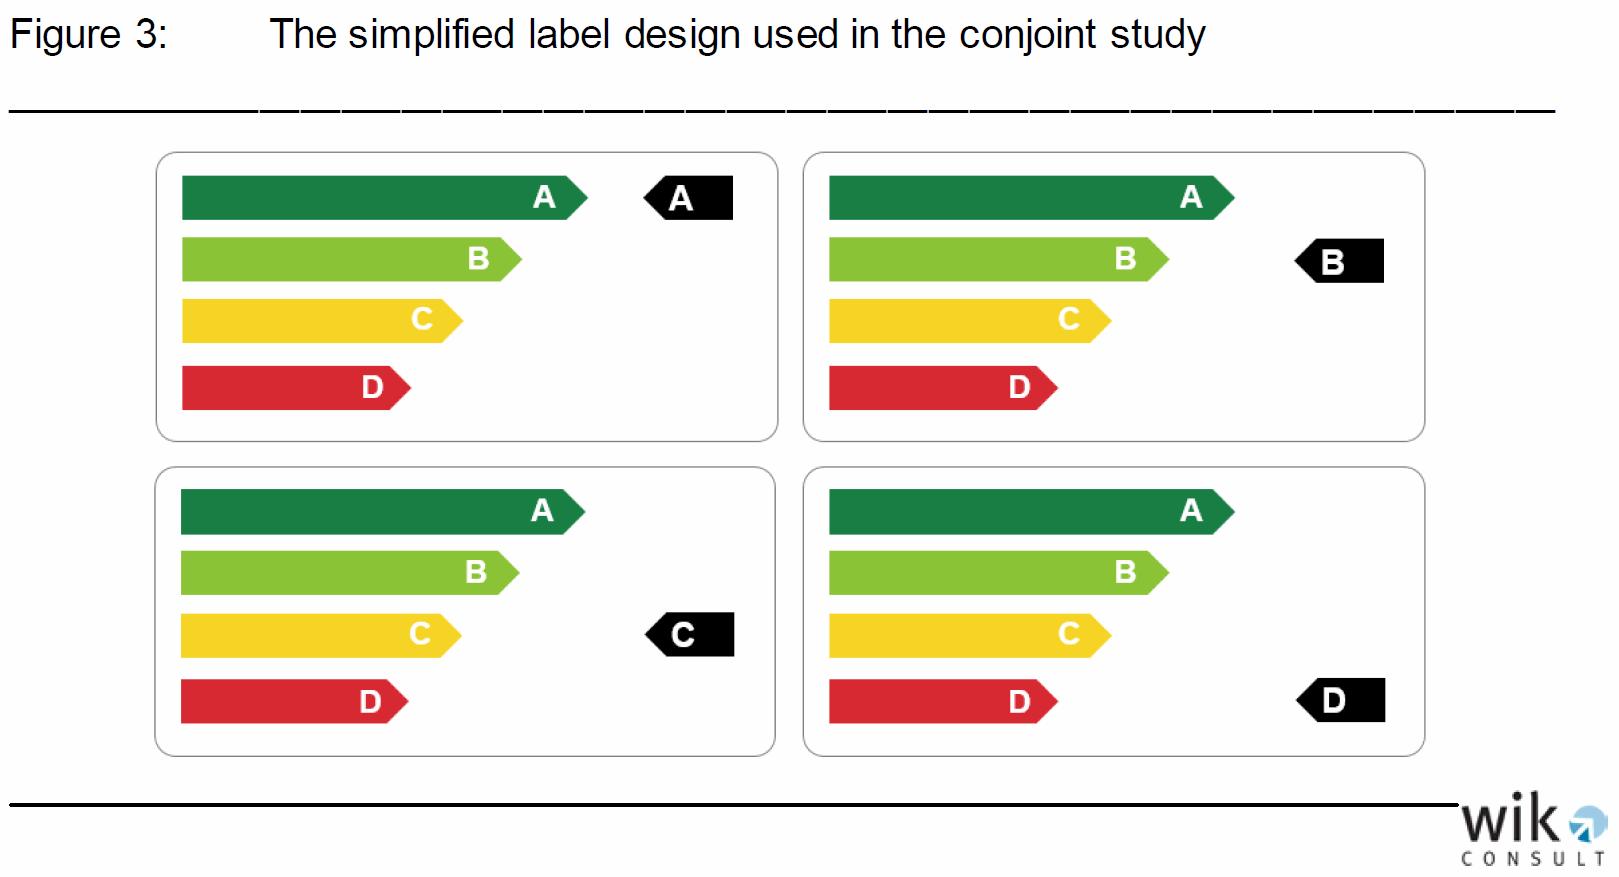 WIK-Consult_Broadband_Label_Design